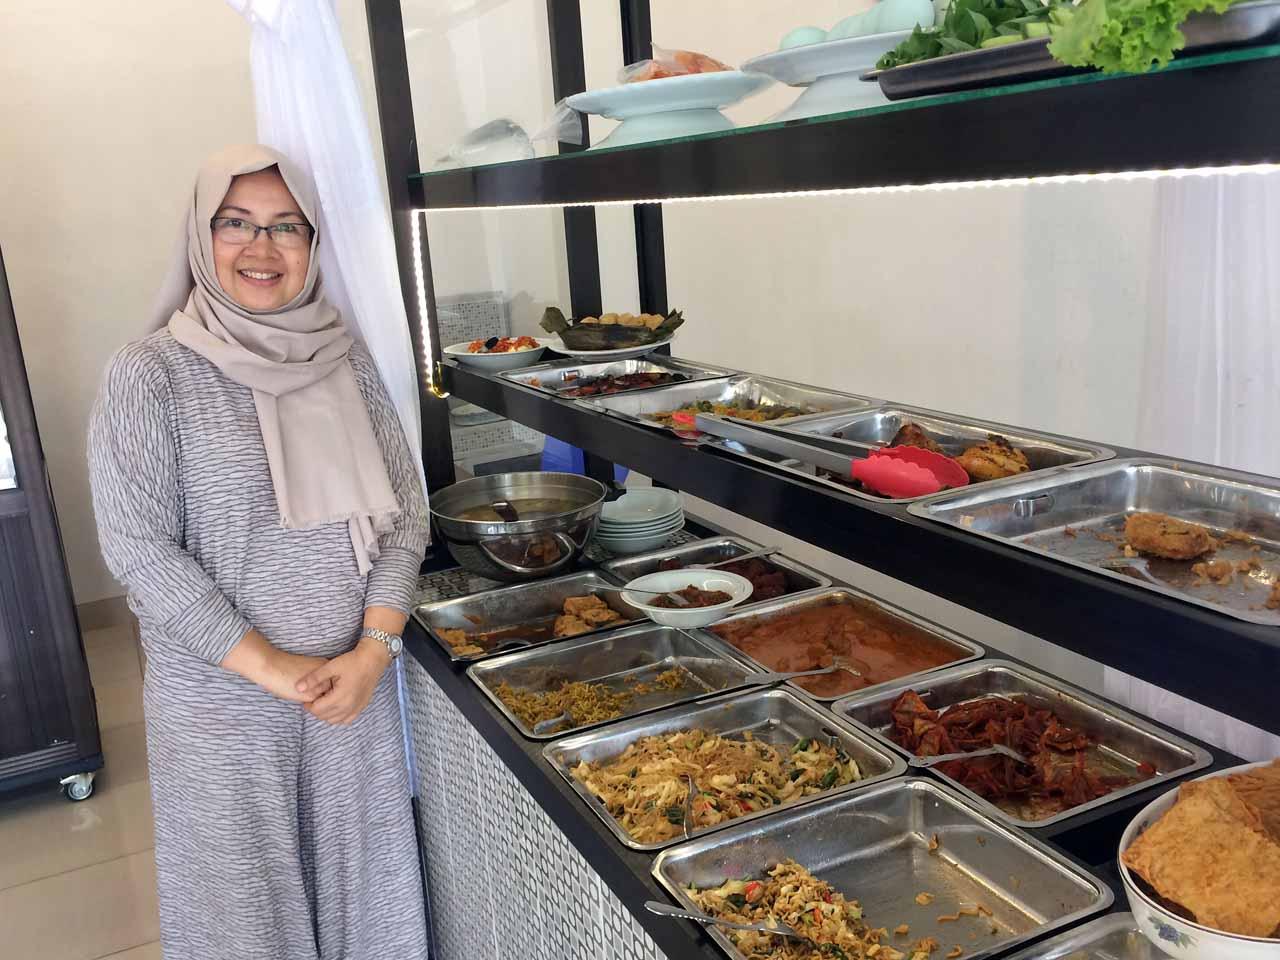 Kantin Rina - Tempat makan di bandar lampung - yopie pangkey - 2